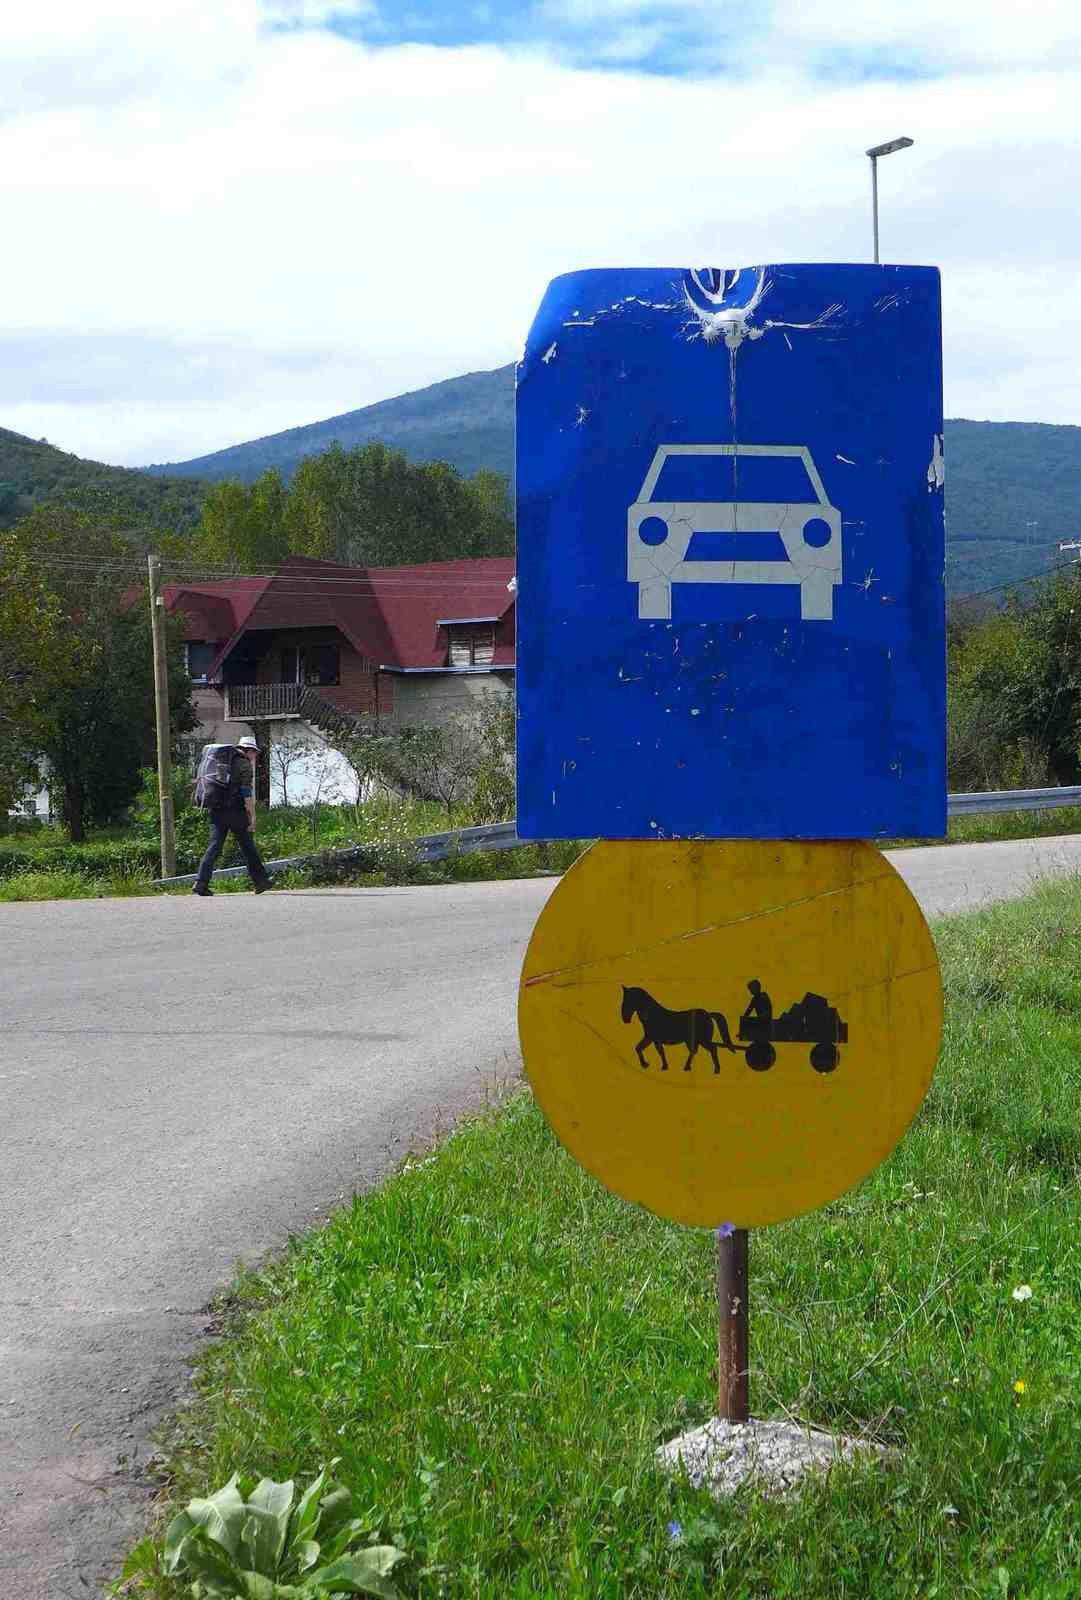 Photo 1 Autostop matinal, photo 2 acte de décès affichés un peu partout, photo 3 La Serbie a du mal à gérer ses déchets, photo 4 église orthodoxe, photo 5 engin courant roulant sur la route sur la base d'un motoculteur